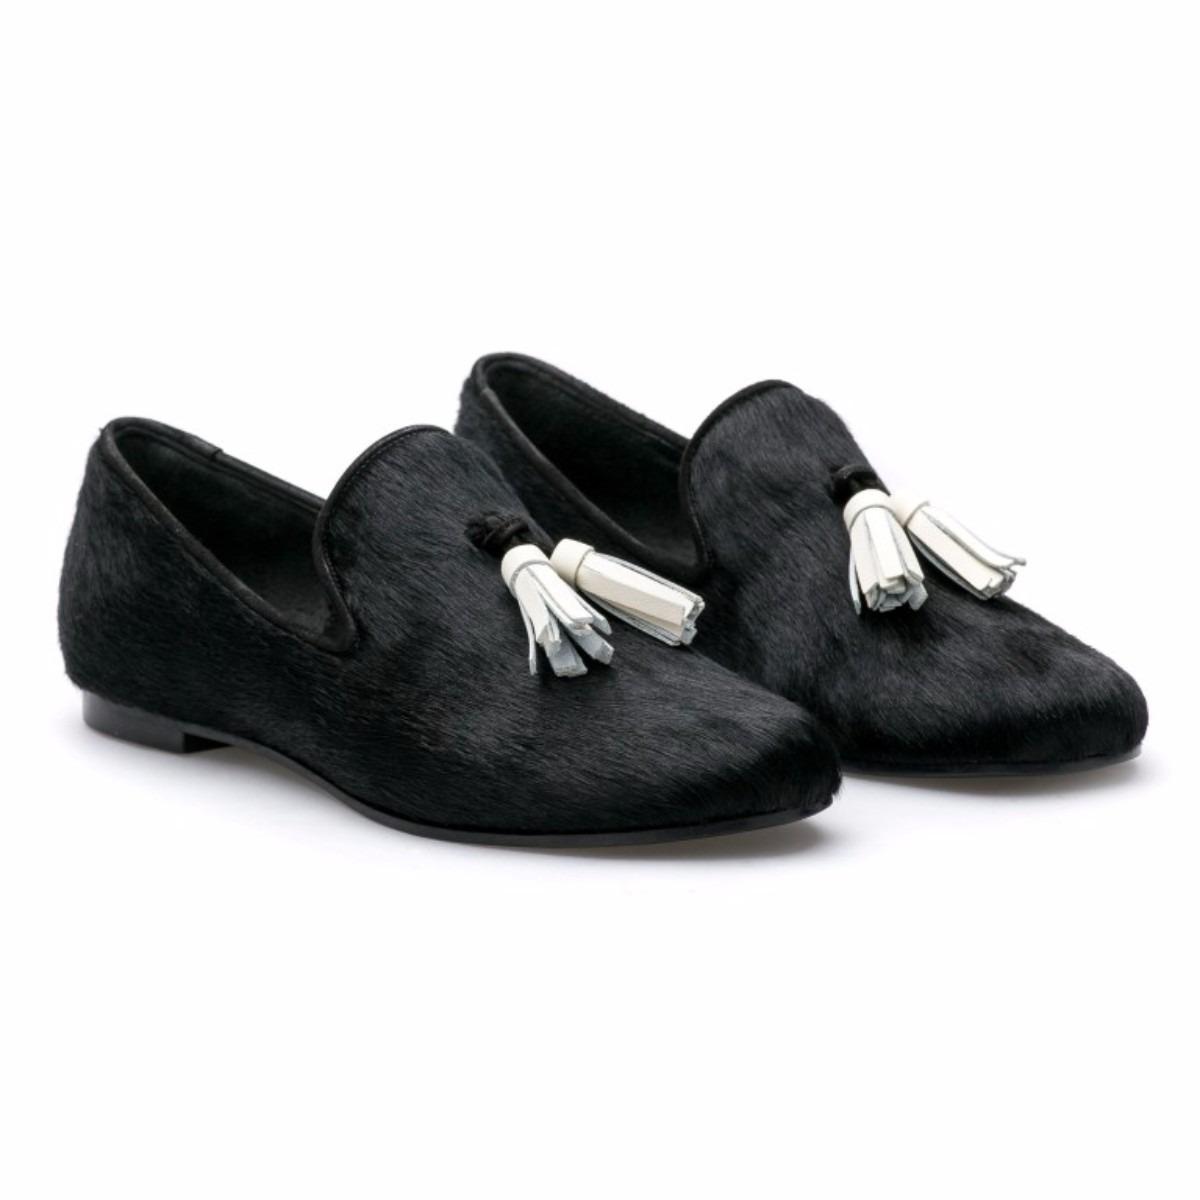 Loafer Emma Negro / SALE 55% OFF